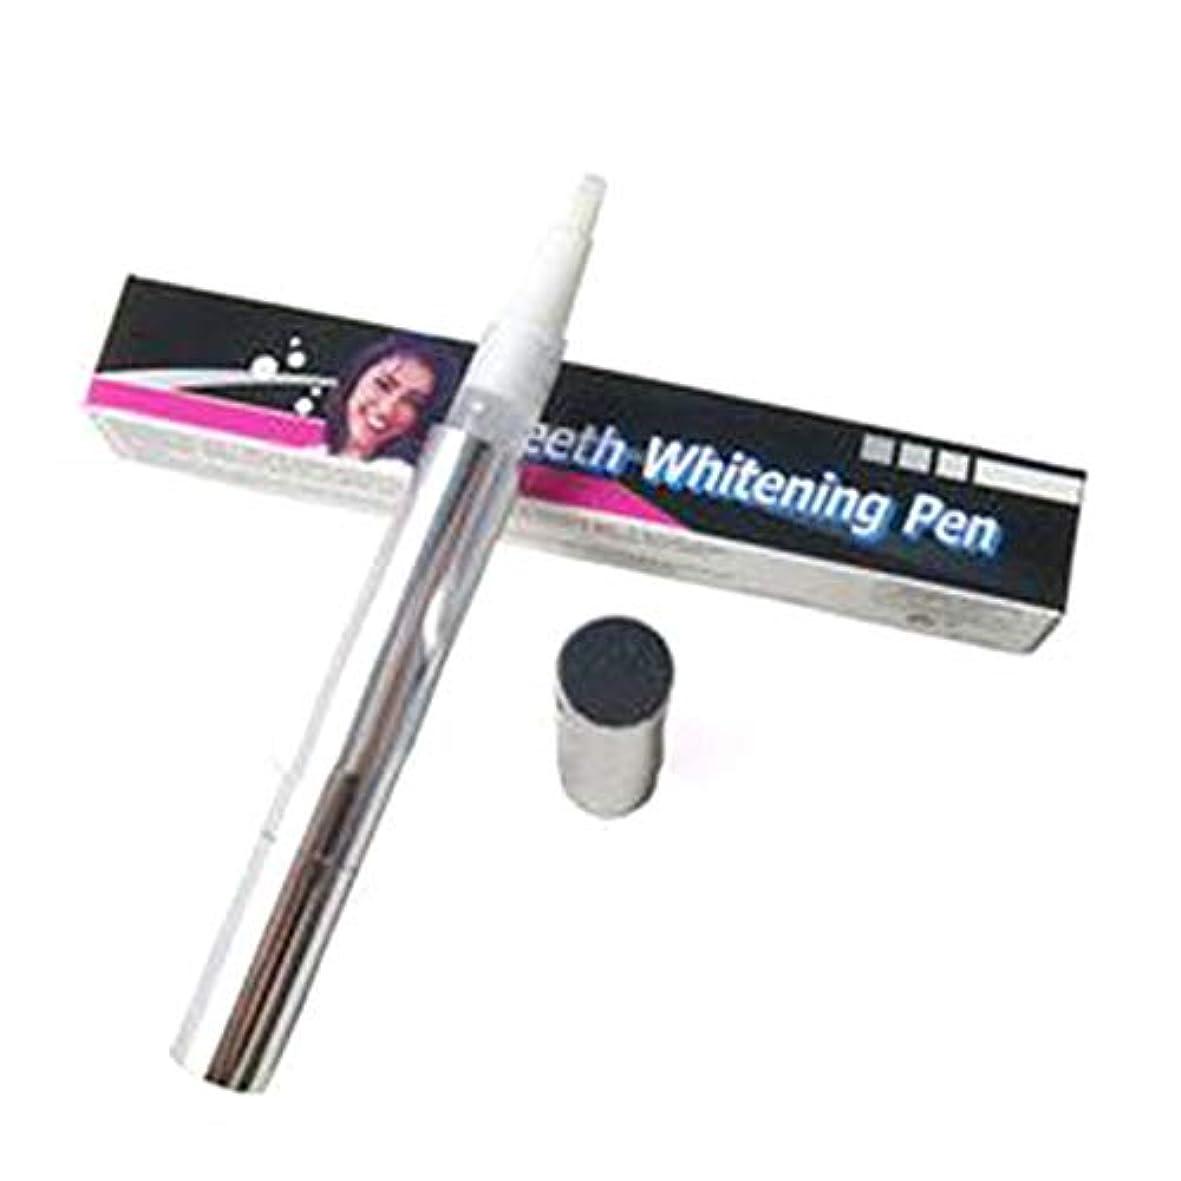 国内の相互ペンホワイトニングペン強力な汚れ消しゴム除去速い漂白歯ジェルホワイトナー歯科口腔衛生用品 - シルバー